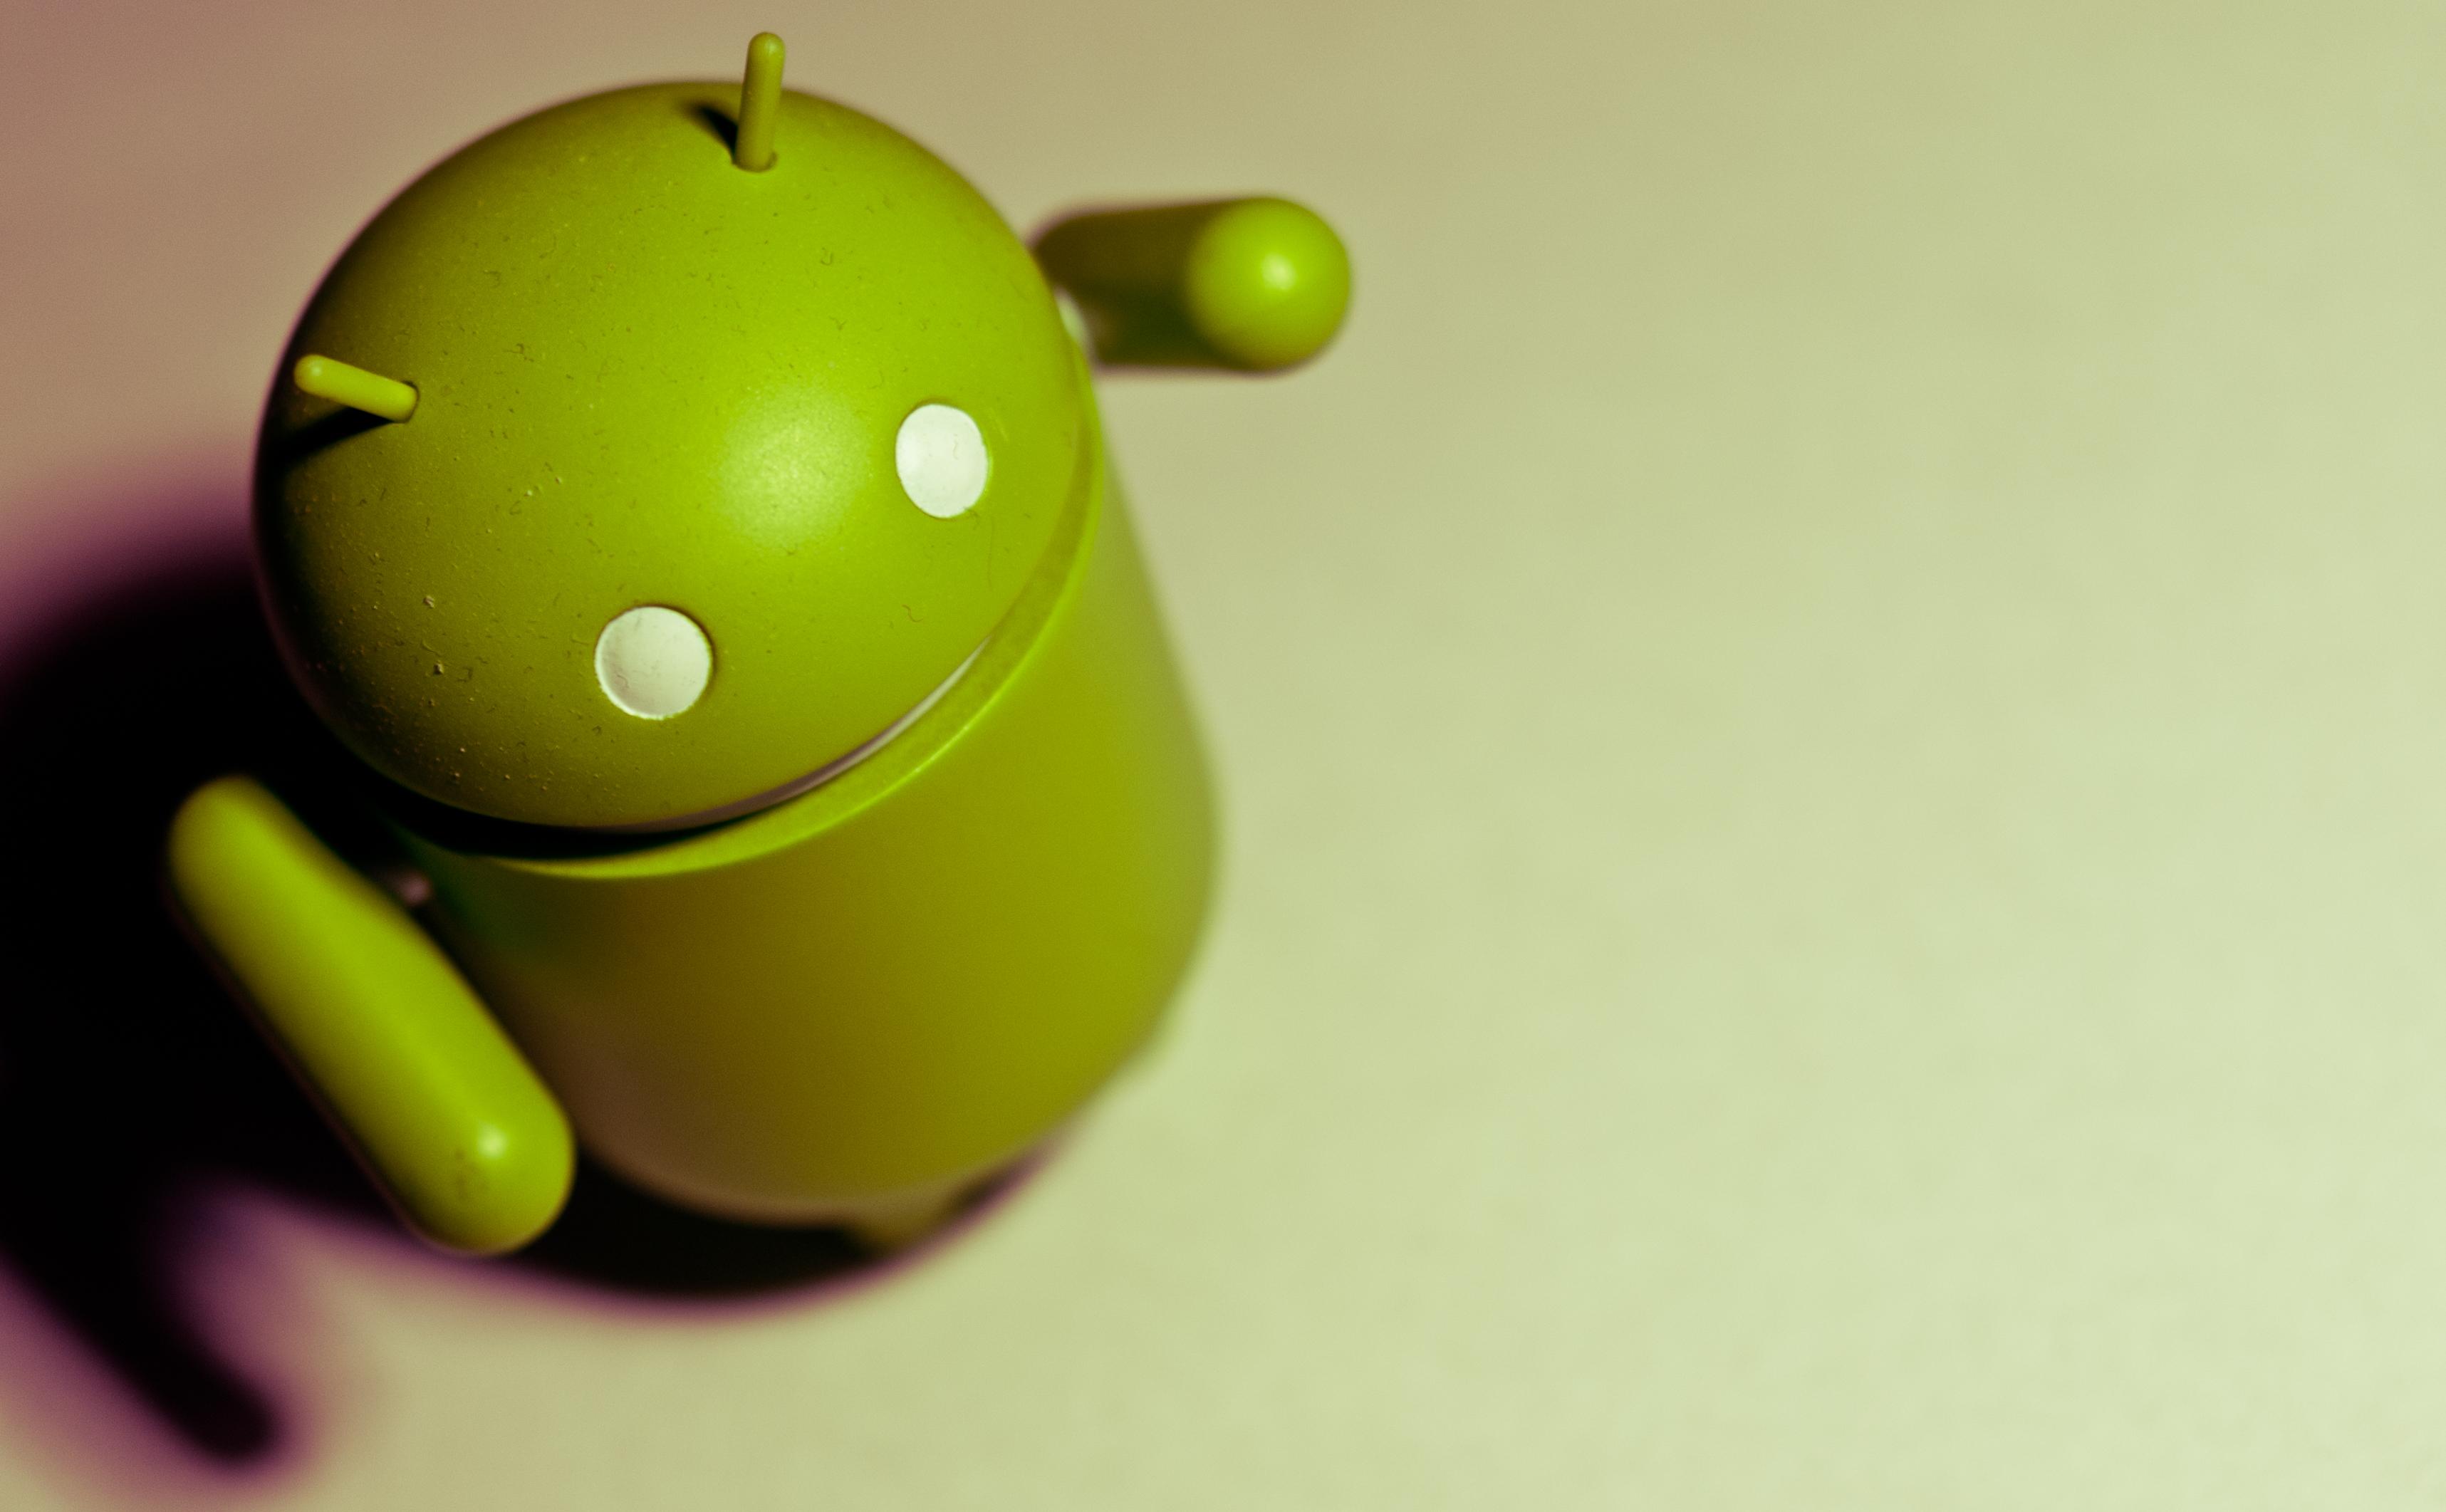 Google Android, mobilné telefóny, iOS